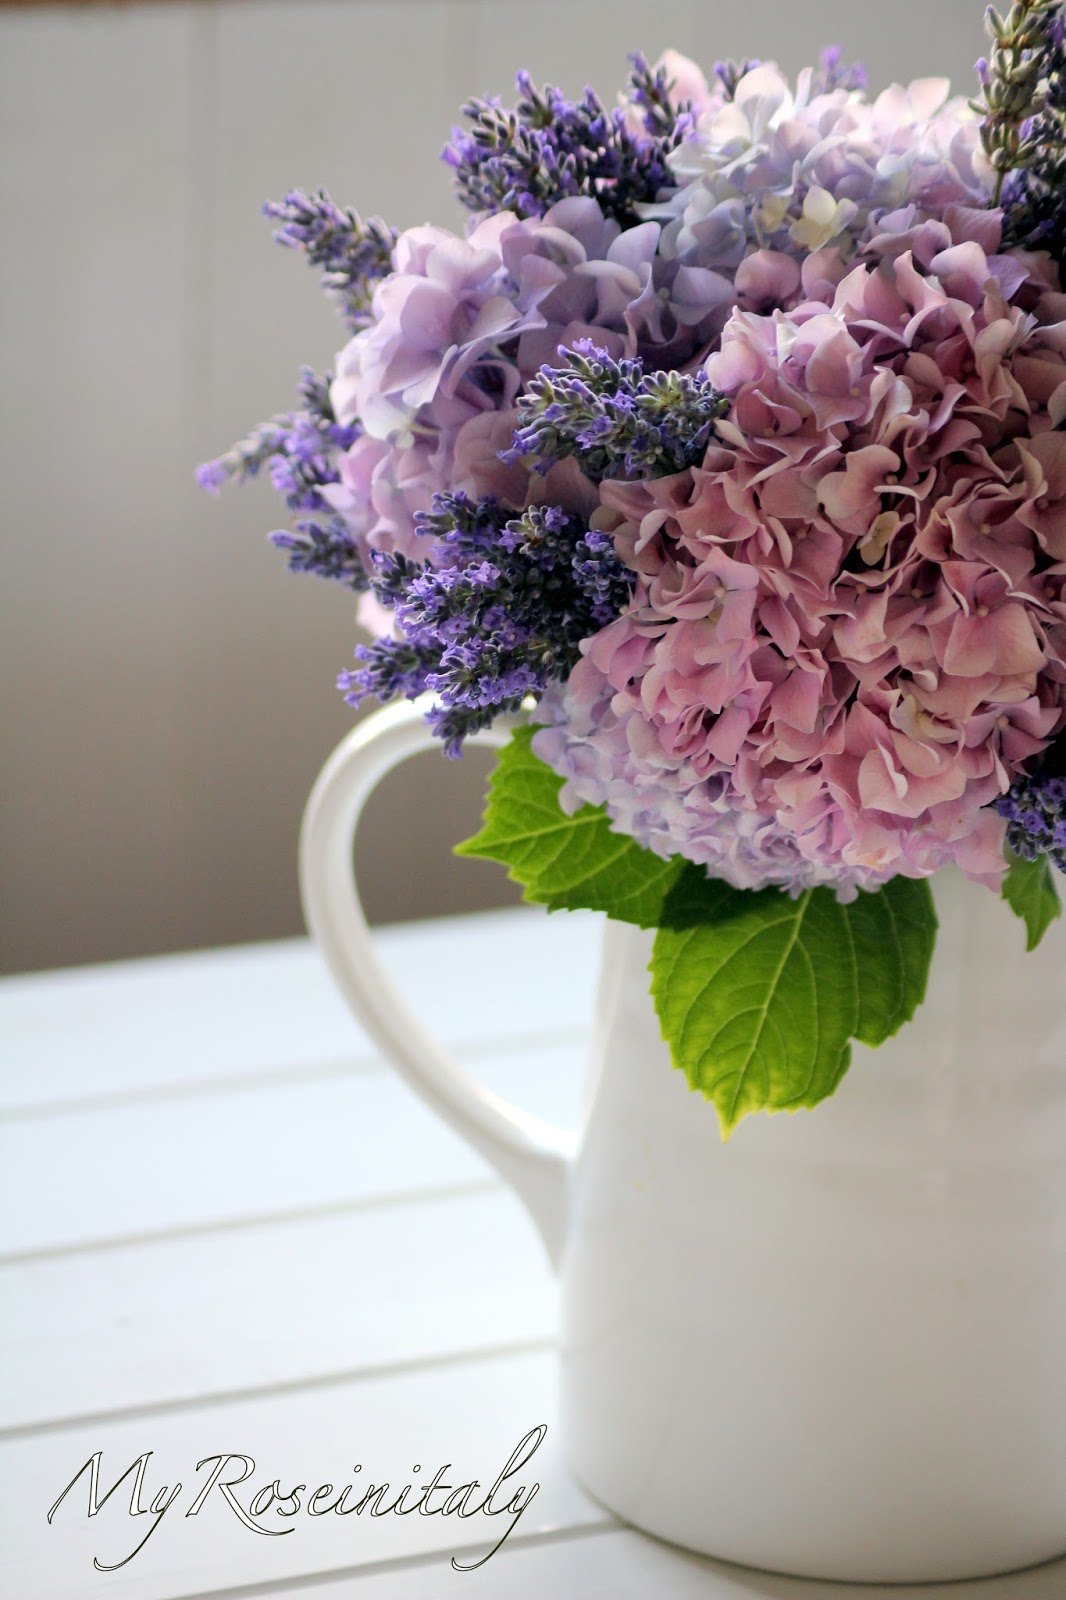 Mazzo Di Fiori Ortensie.My Roseinitaly Un Bouquet Di Ortensie E Lavanda